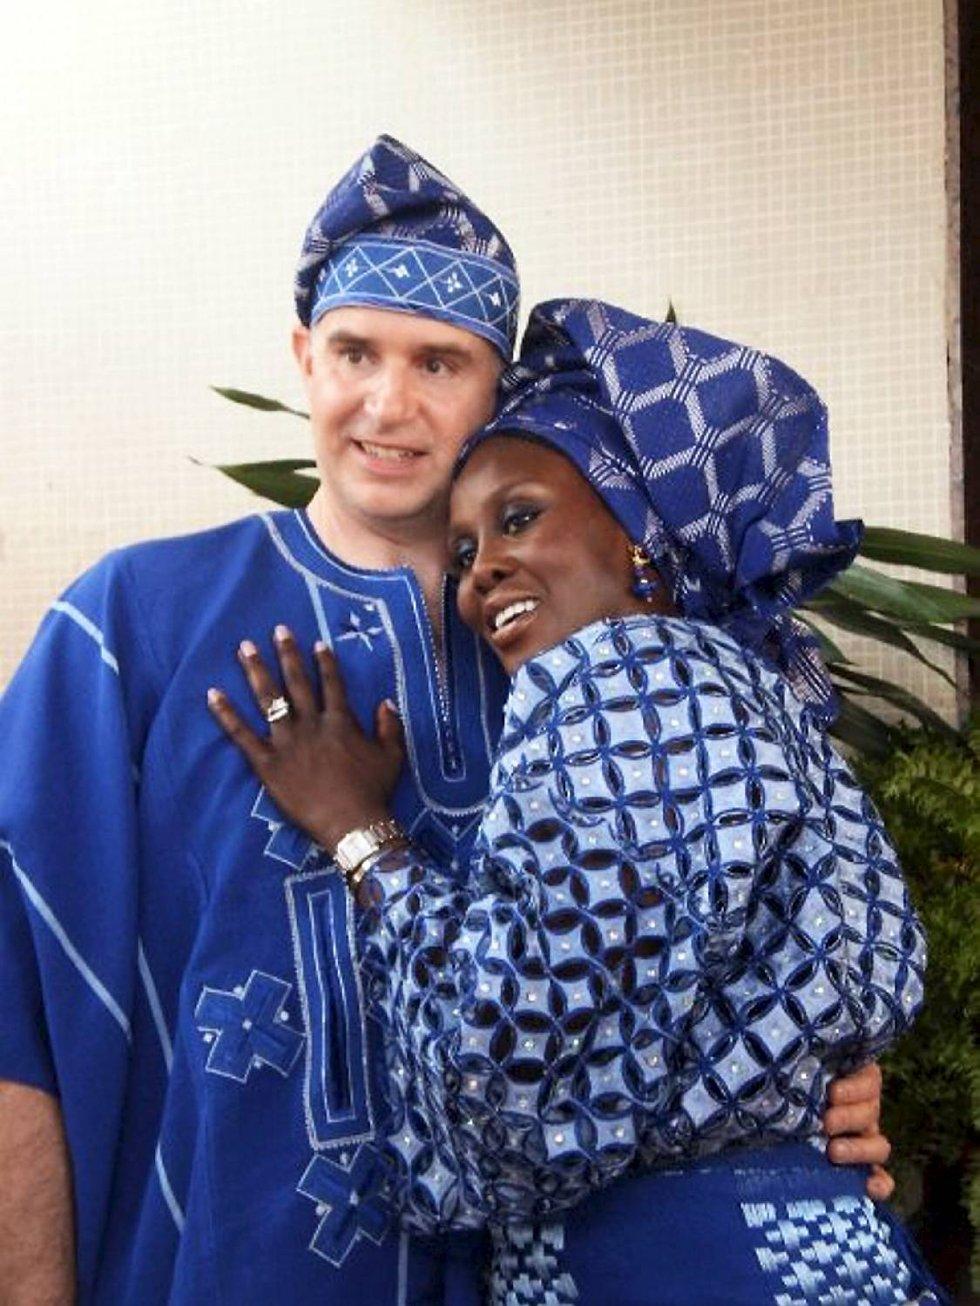 Fumi og Ole hadde tradisjonelt bryllup i Nigeria. - Det var utrolig spesielt, sier Ole.  (Foto: PRIVAT)